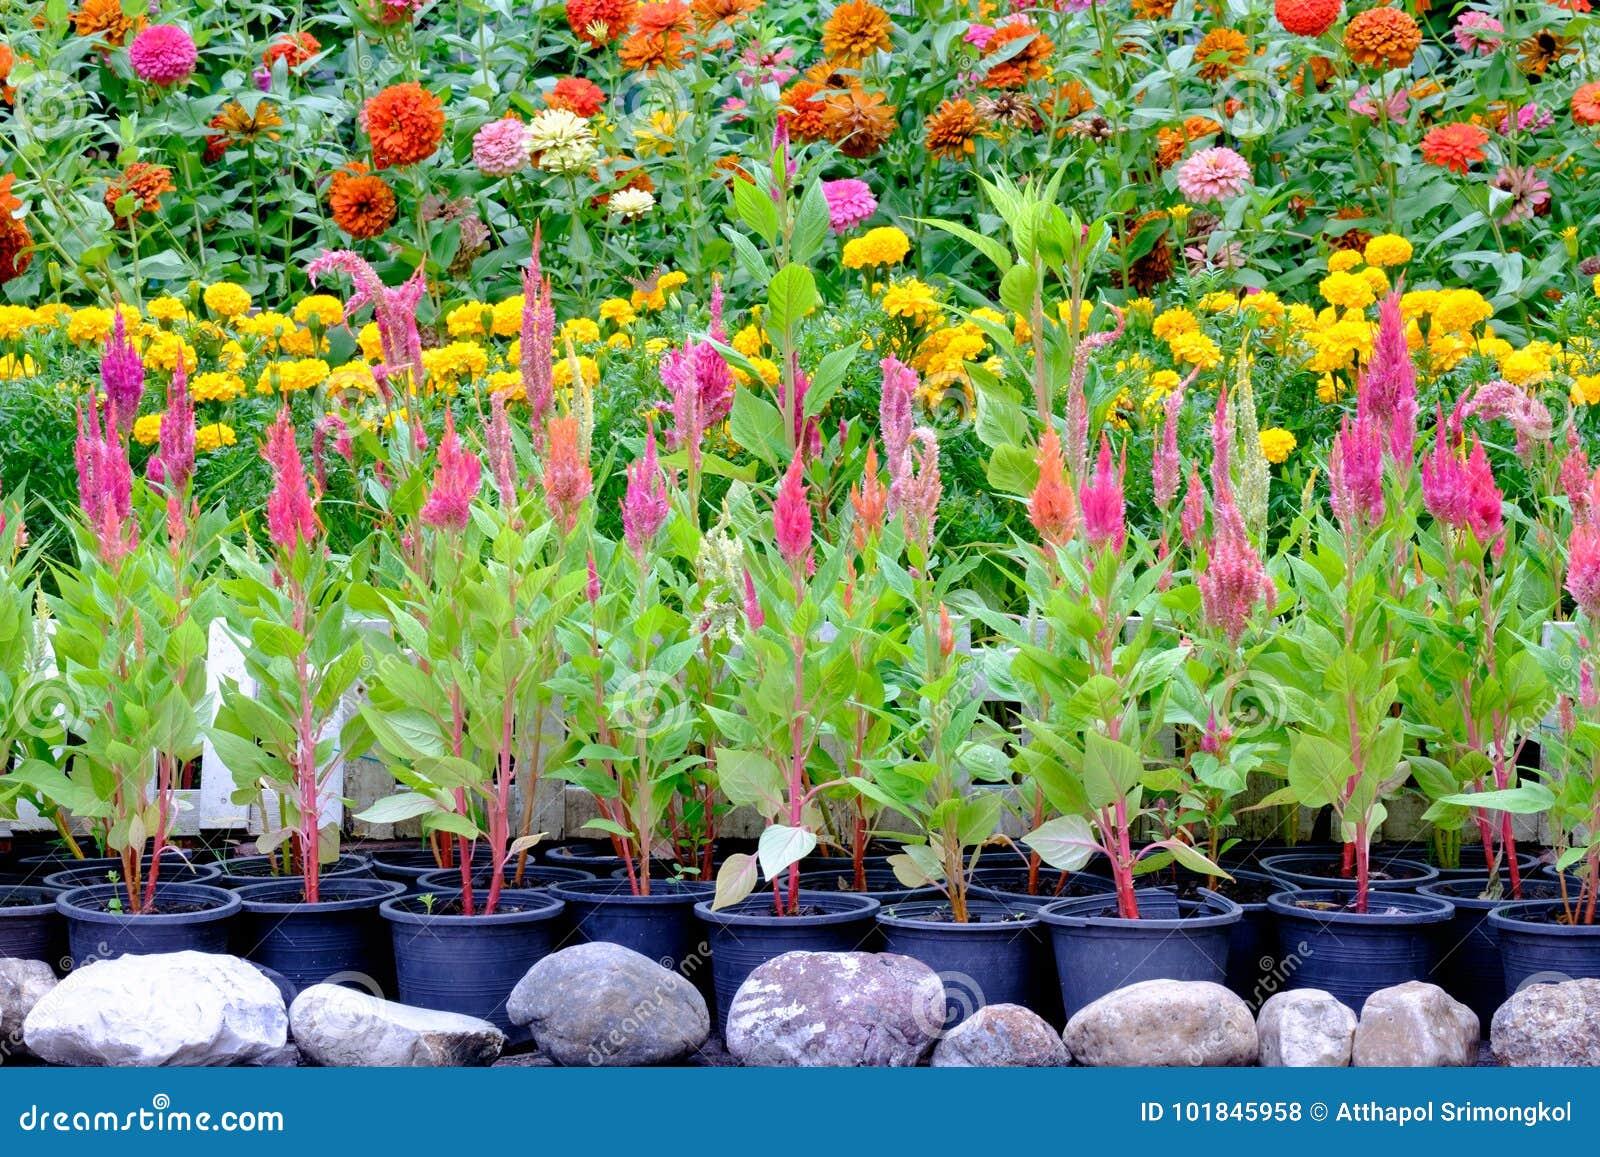 Vari Tipi Di Fiori.Vari Tipi Di Fiori In Vasi Che Sono Disposti Nel Giardino